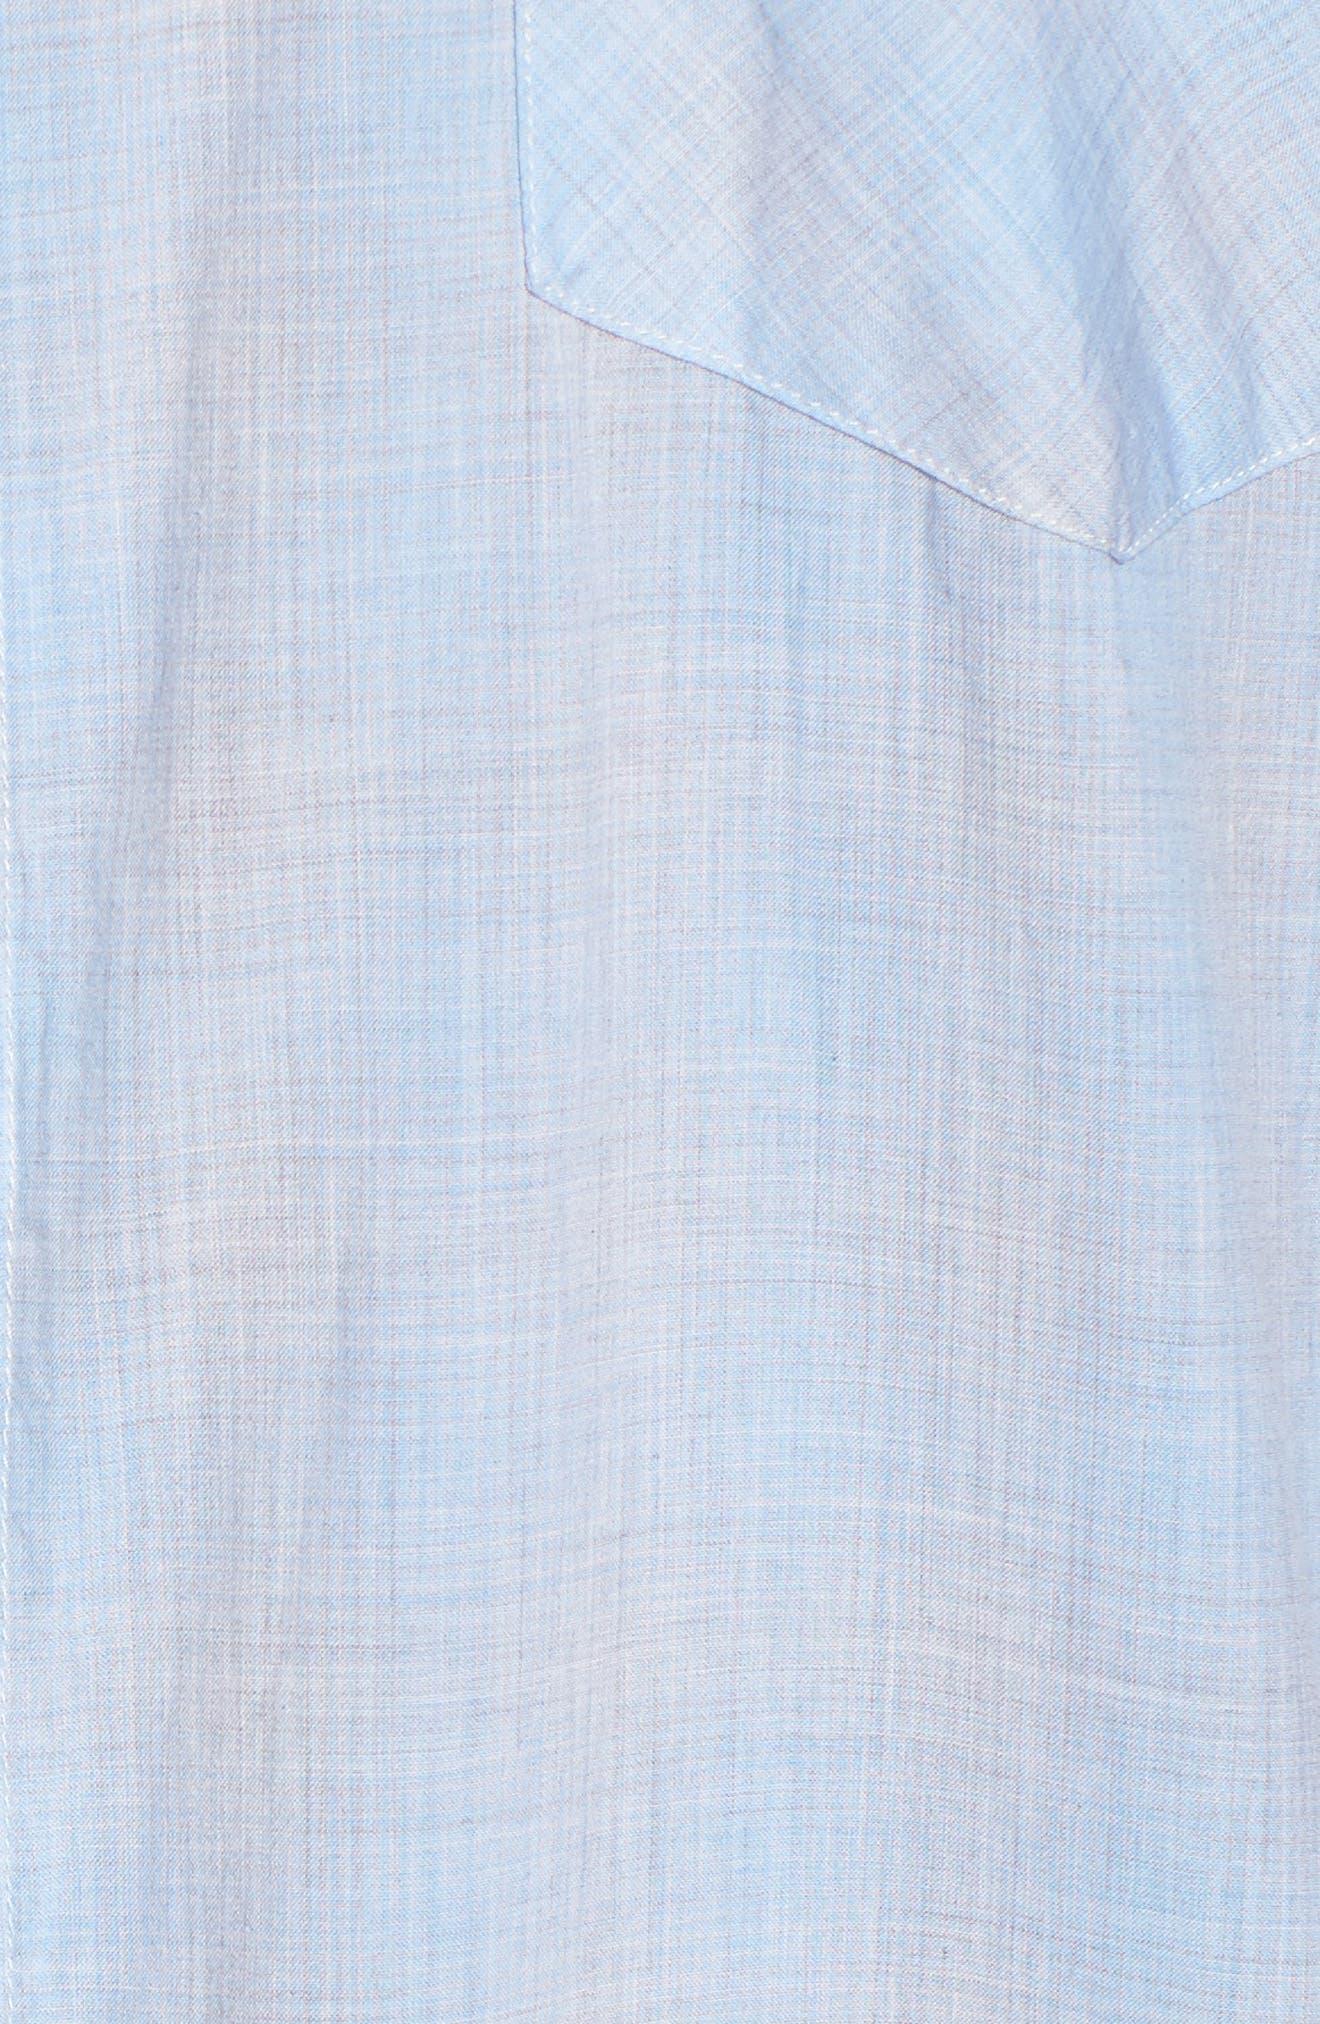 John T Slim Fit Sport Shirt,                             Alternate thumbnail 5, color,                             Light Blue